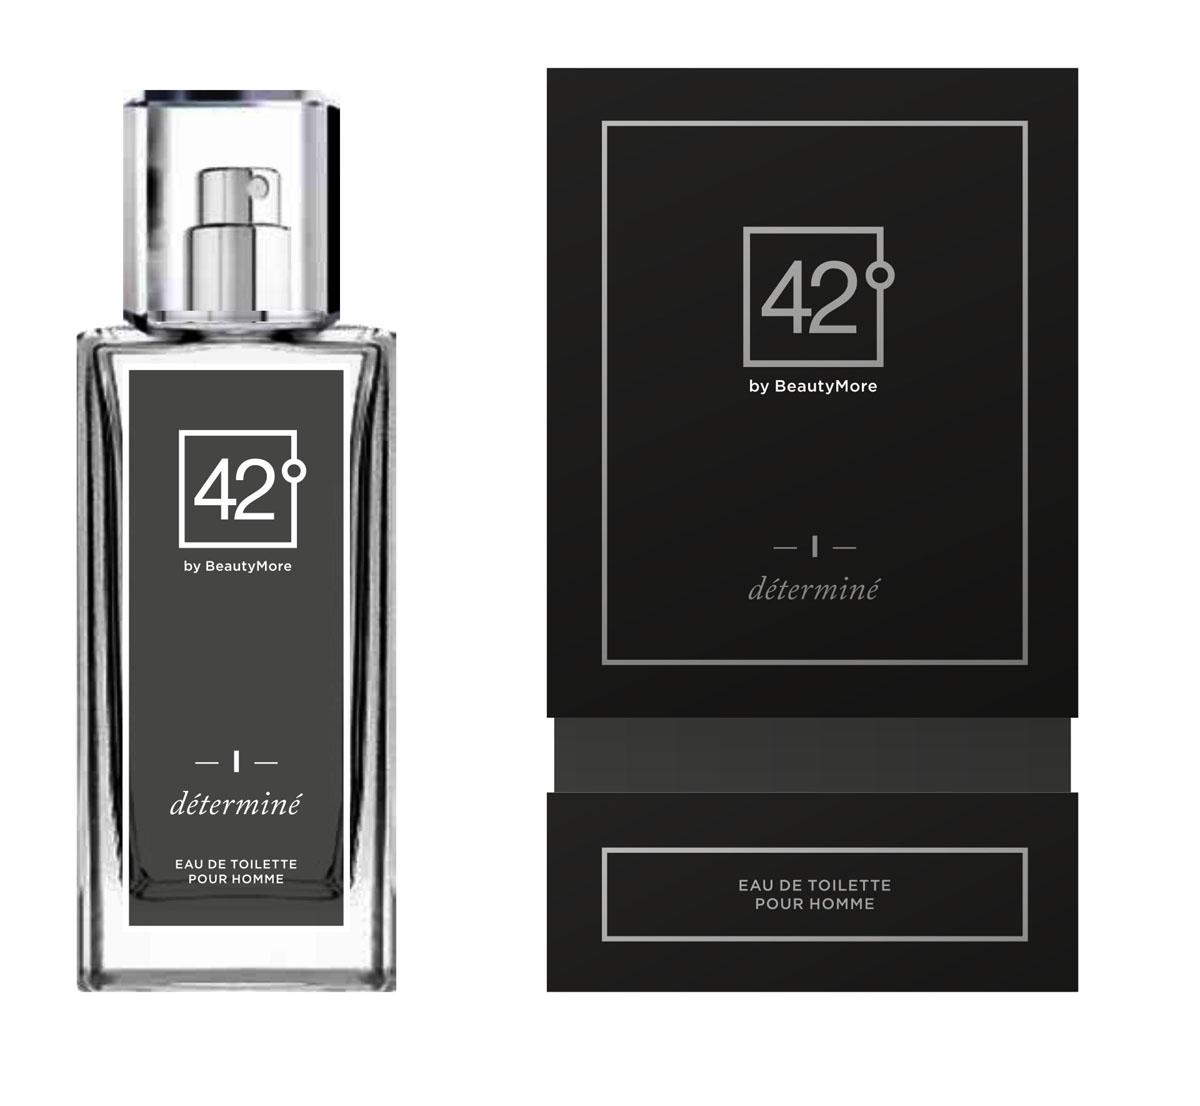 Fragrance 42 Туалетная вода для мужчин I Determine 100 мл002722Детермин - аромат созданный для настоящих,решительных, мужчин,уверенных в себе и смело покоряющих любые цели. Этот аромат станет завершающей ноткой в вашем неотразимом образе. Верхняя нота- Маклюраоранжевая,туя, нота сердца - аромат кедра,жасмин,сосна Лимба,базовые ноты - пачули,ветивер,мускус.